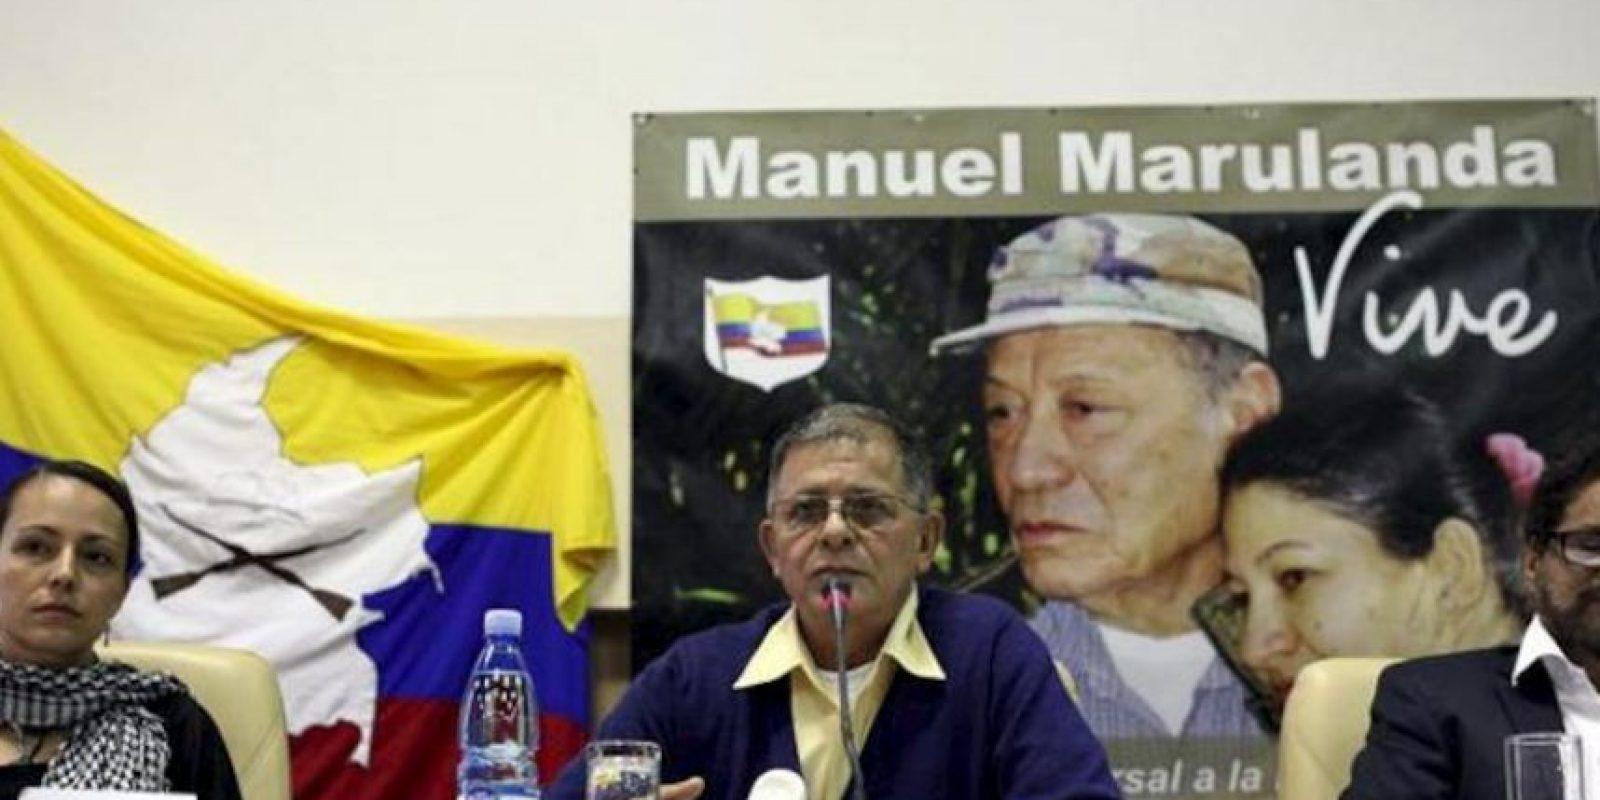 """De izquierda a derecha, la guerrillera holandesa de las FARC, Tanja Nijmeijer, alias """"Eillen"""" o """"Alexandra"""", participa junto al guerrillero Rodrigo Granda, alias """"Ricardo Téllez"""", y Luciano Marín Arango, alias """"Iván Márquez"""", durante una rueda de prensa, en La Habana (Cuba). EFE"""